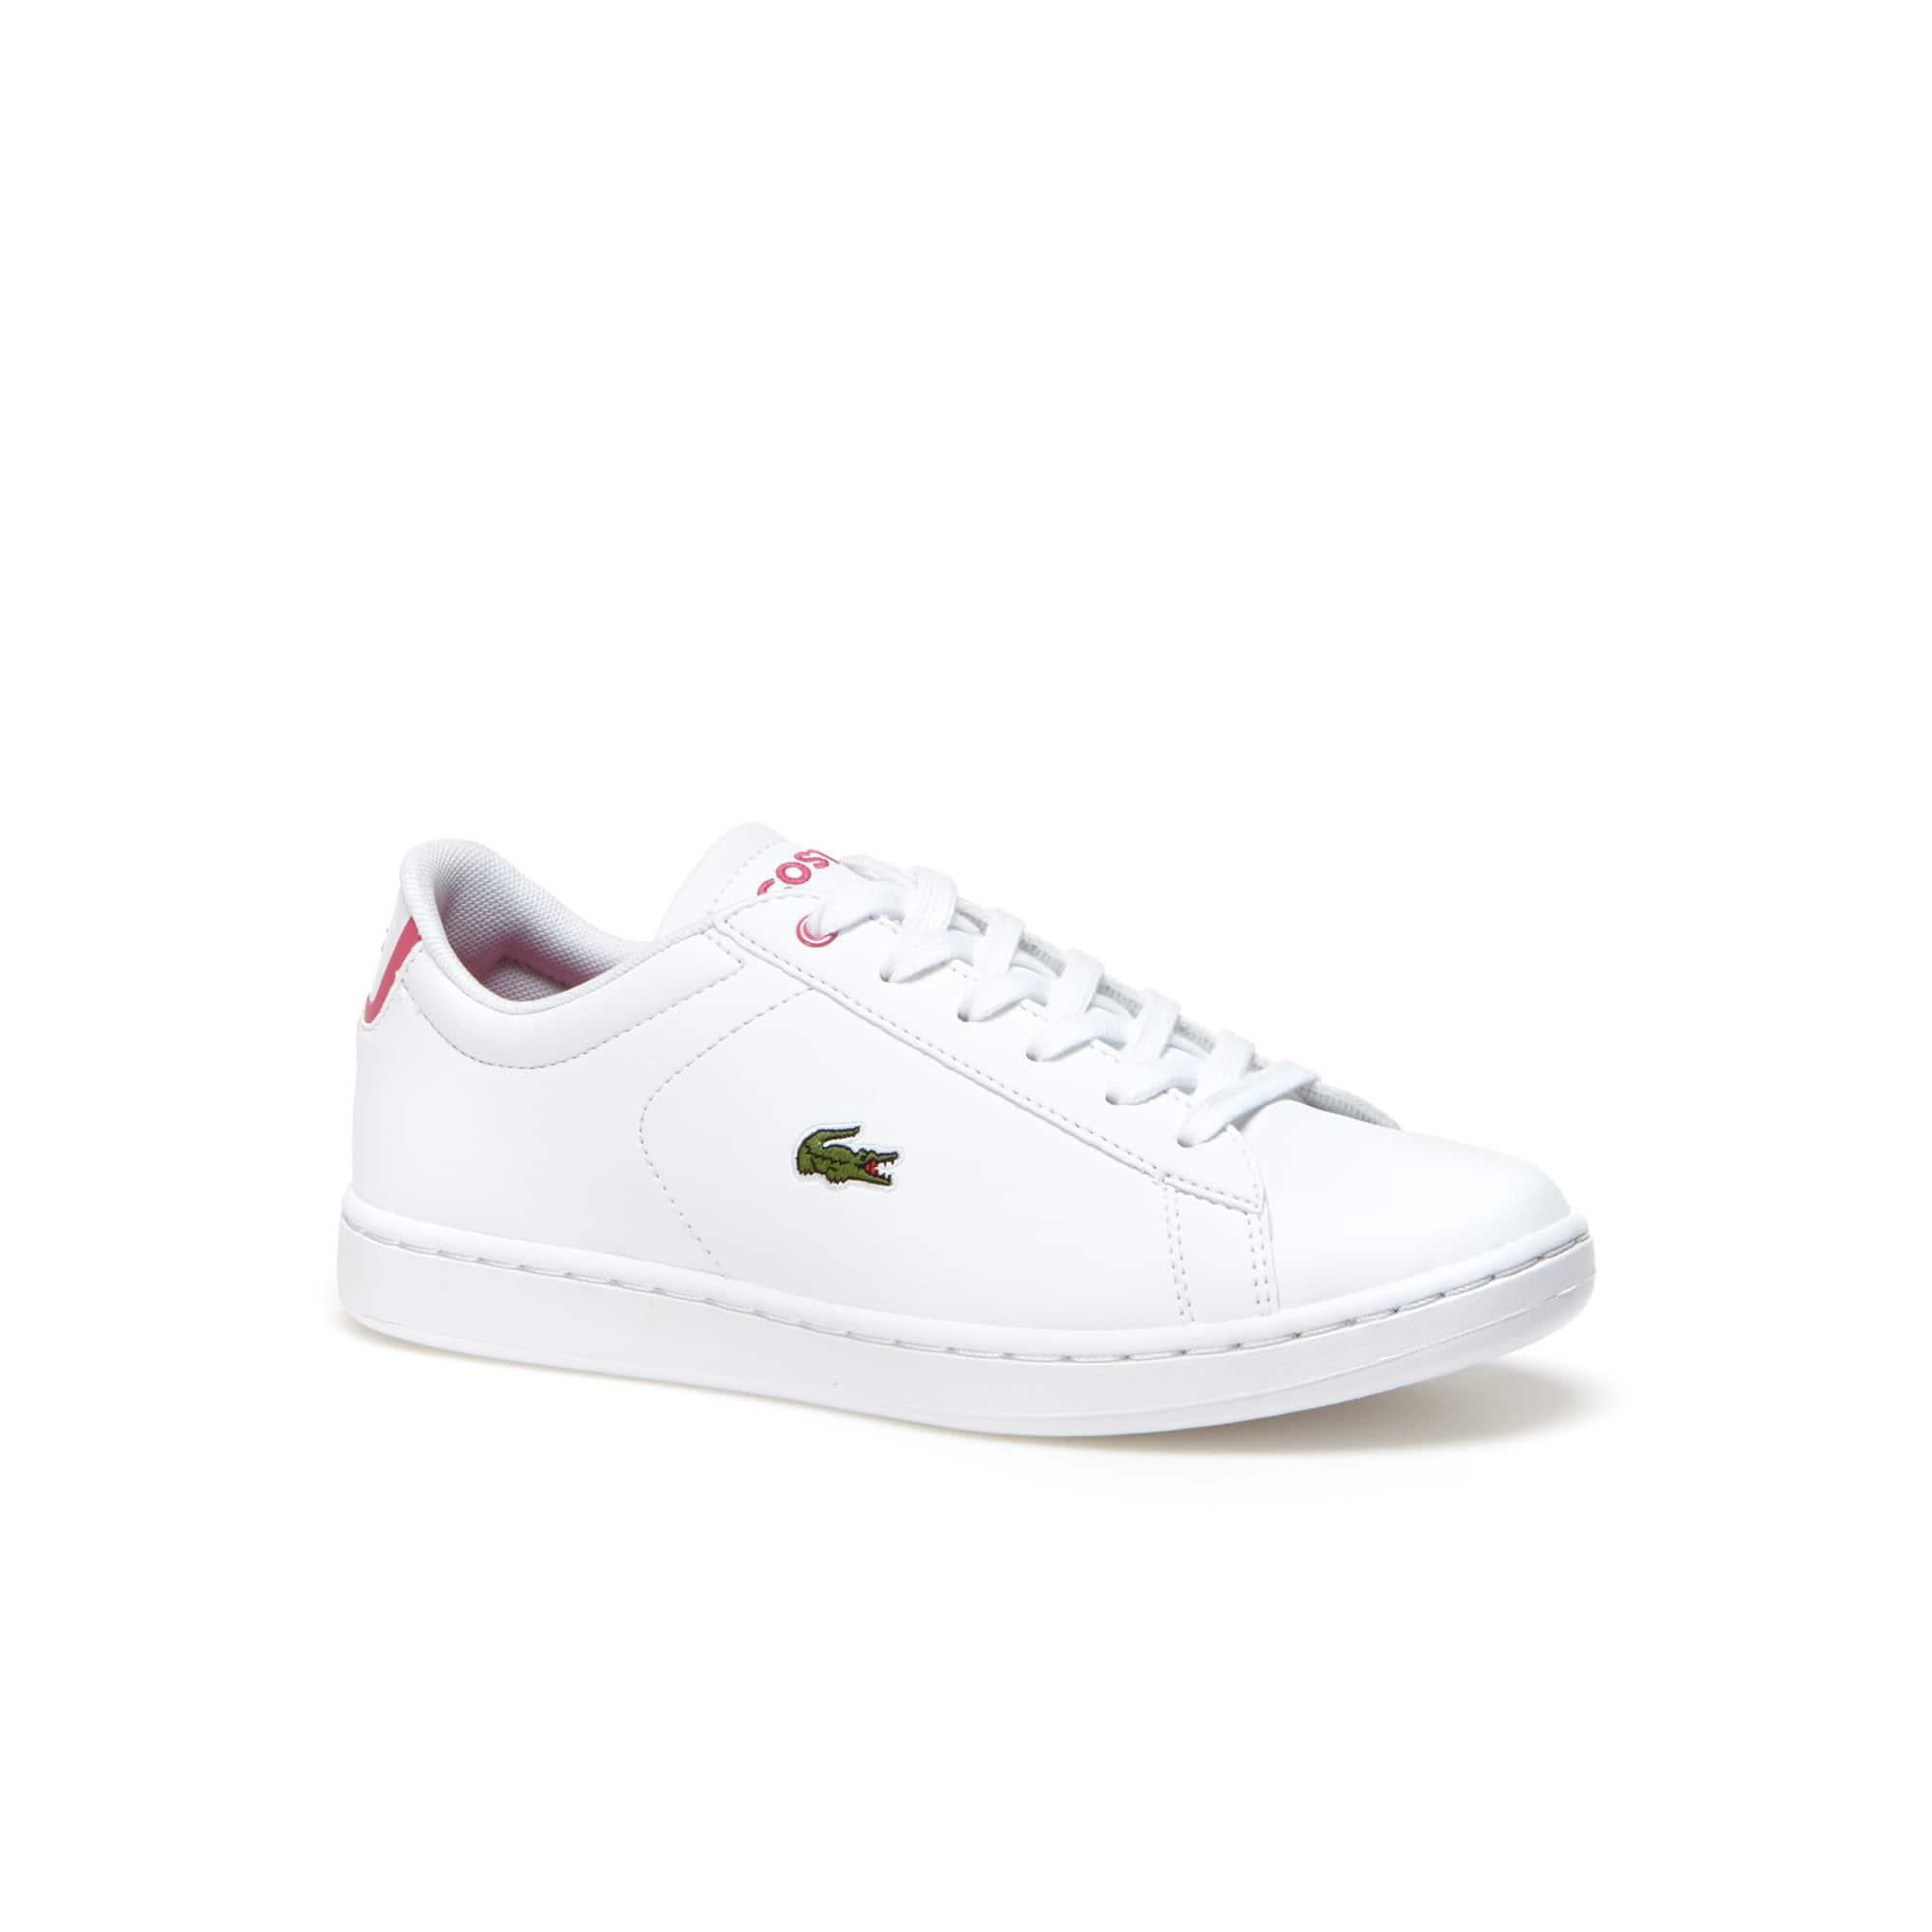 Carnaby Evo kindersneakers